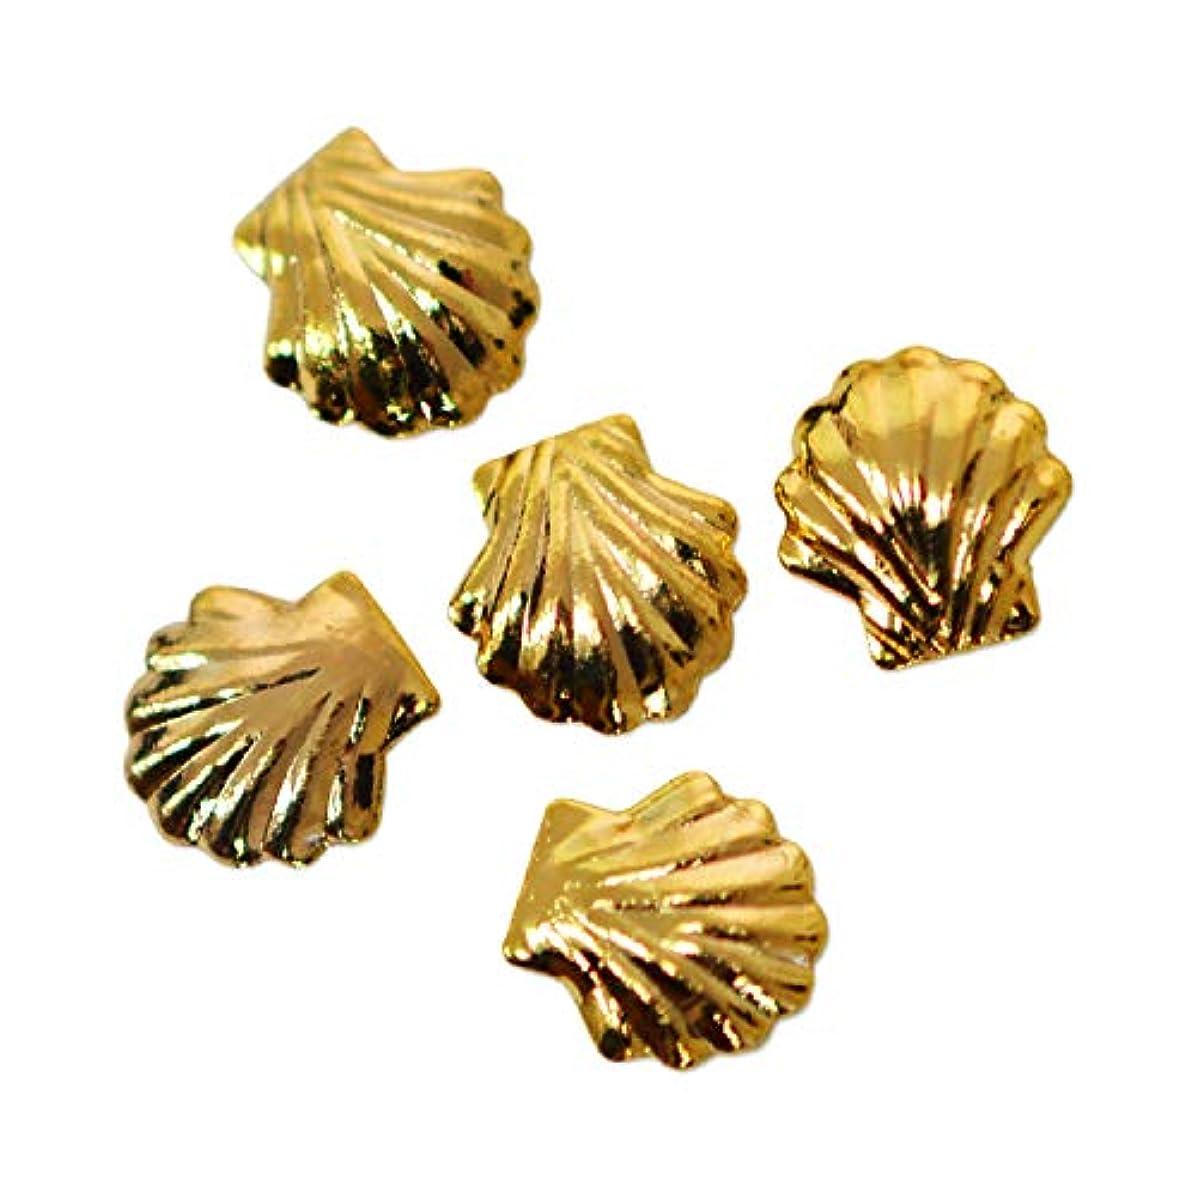 角度相対的普及メタルパーツ シェル ゴールド 5ミリ 30粒 ネイルパーツ 貝殻 メタルシェル シェルメタル gold